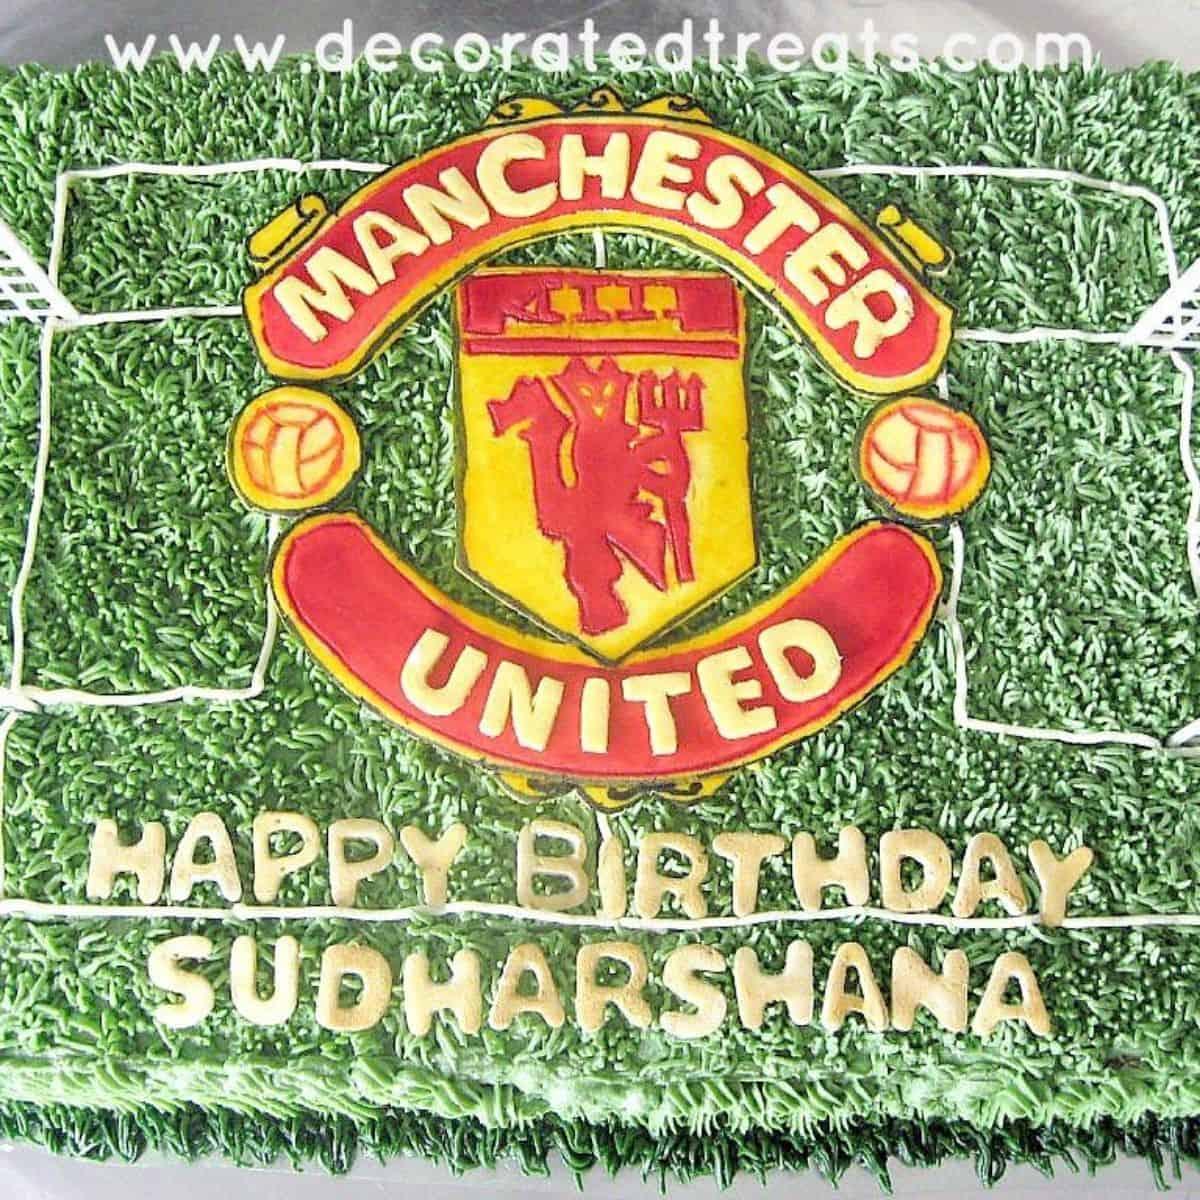 manchester united cake decorating idea decorated treats manchester united cake decorating idea